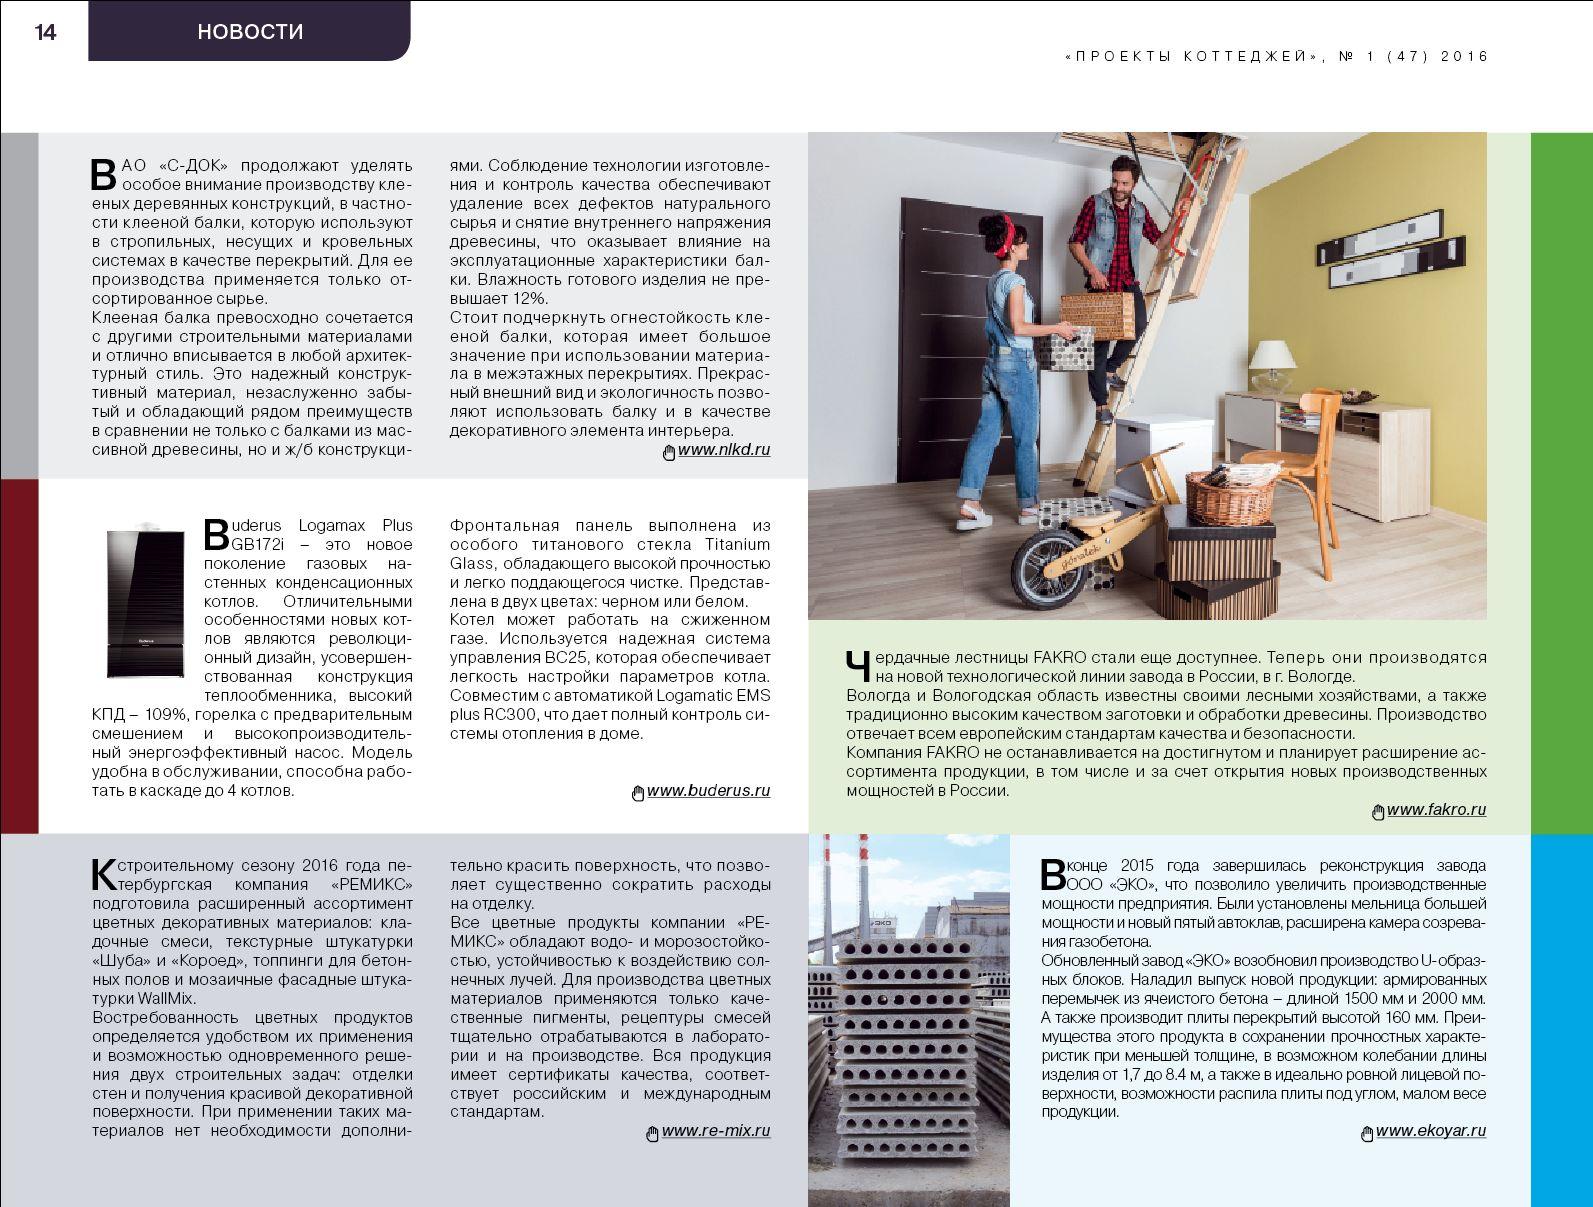 РЕМИКС в журнале Проекты Коттеджей о штукатурке WallMix